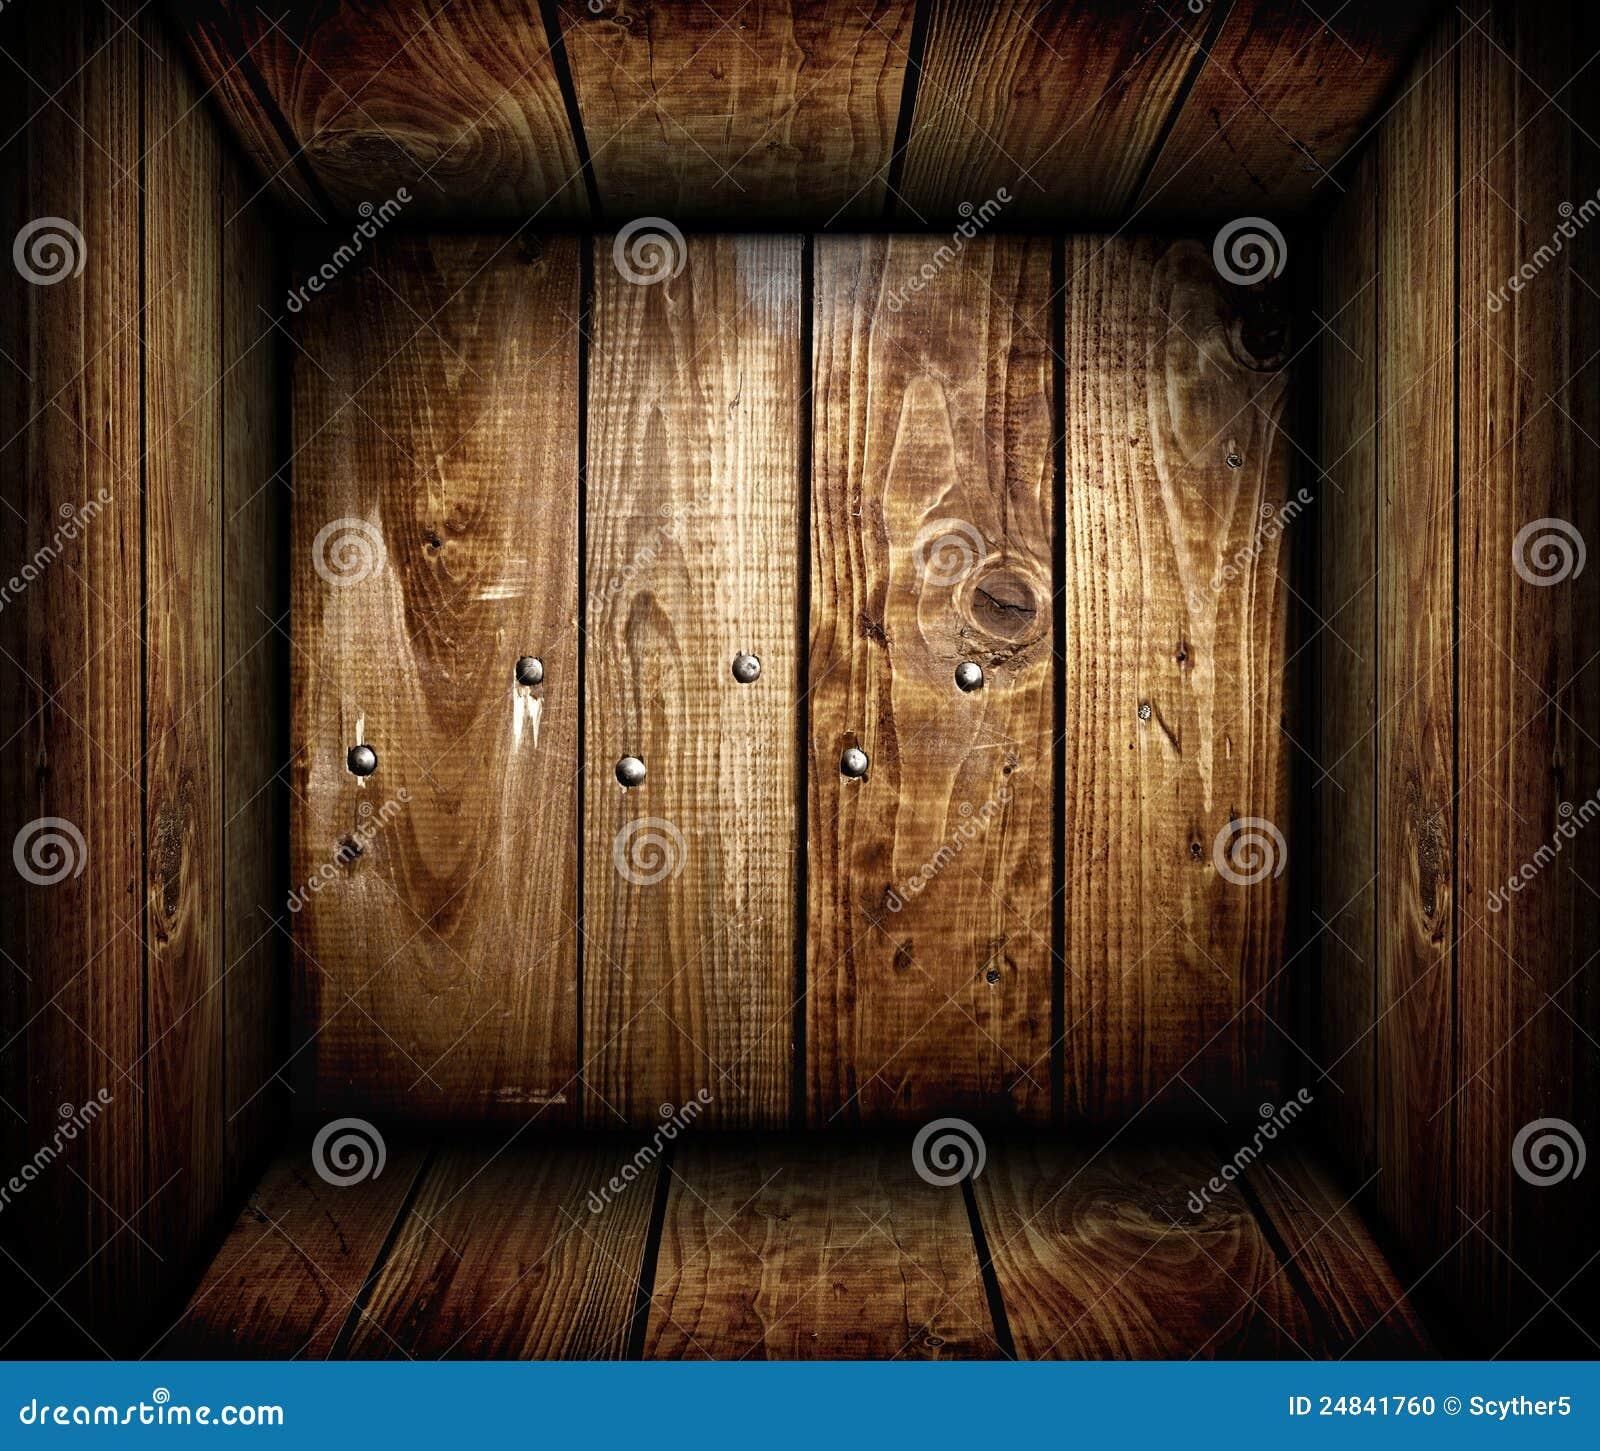 Dentro de uma caixa de madeira vazia. Caixa de madeira